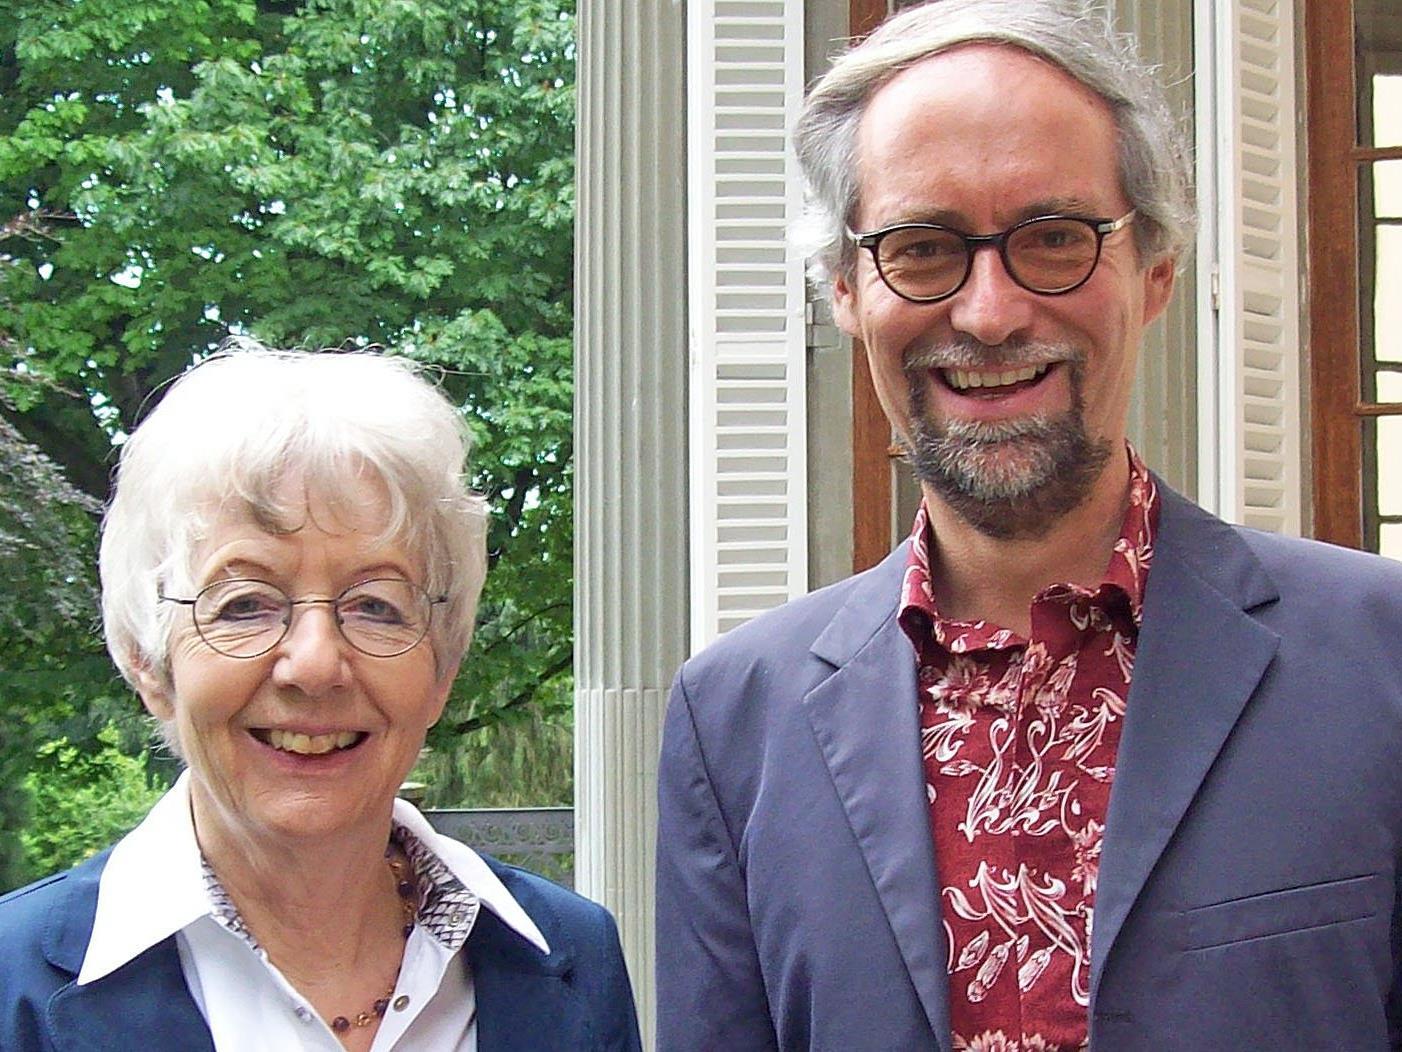 Mechthild Neufeld von Einsiedel und Gerhard M. Walch laden zur feierlichen Benefiz-Autorenlesung am Fronleichnamstag nach St. Arbogast.